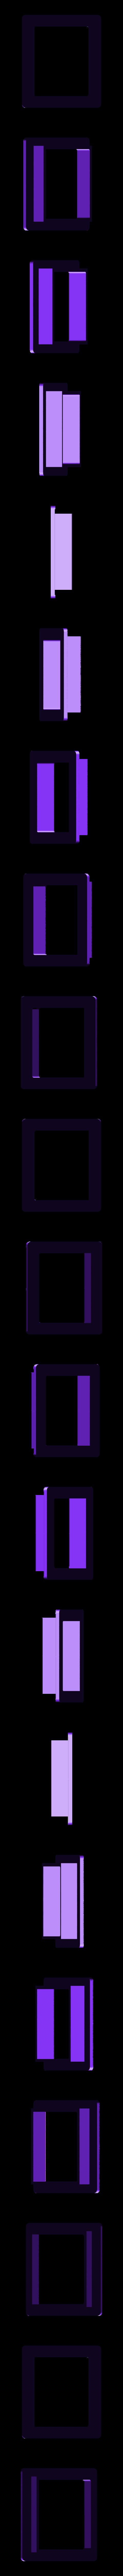 corner_lock_part2.stl Download free STL file Portable 3D Printer • 3D printable design, Job